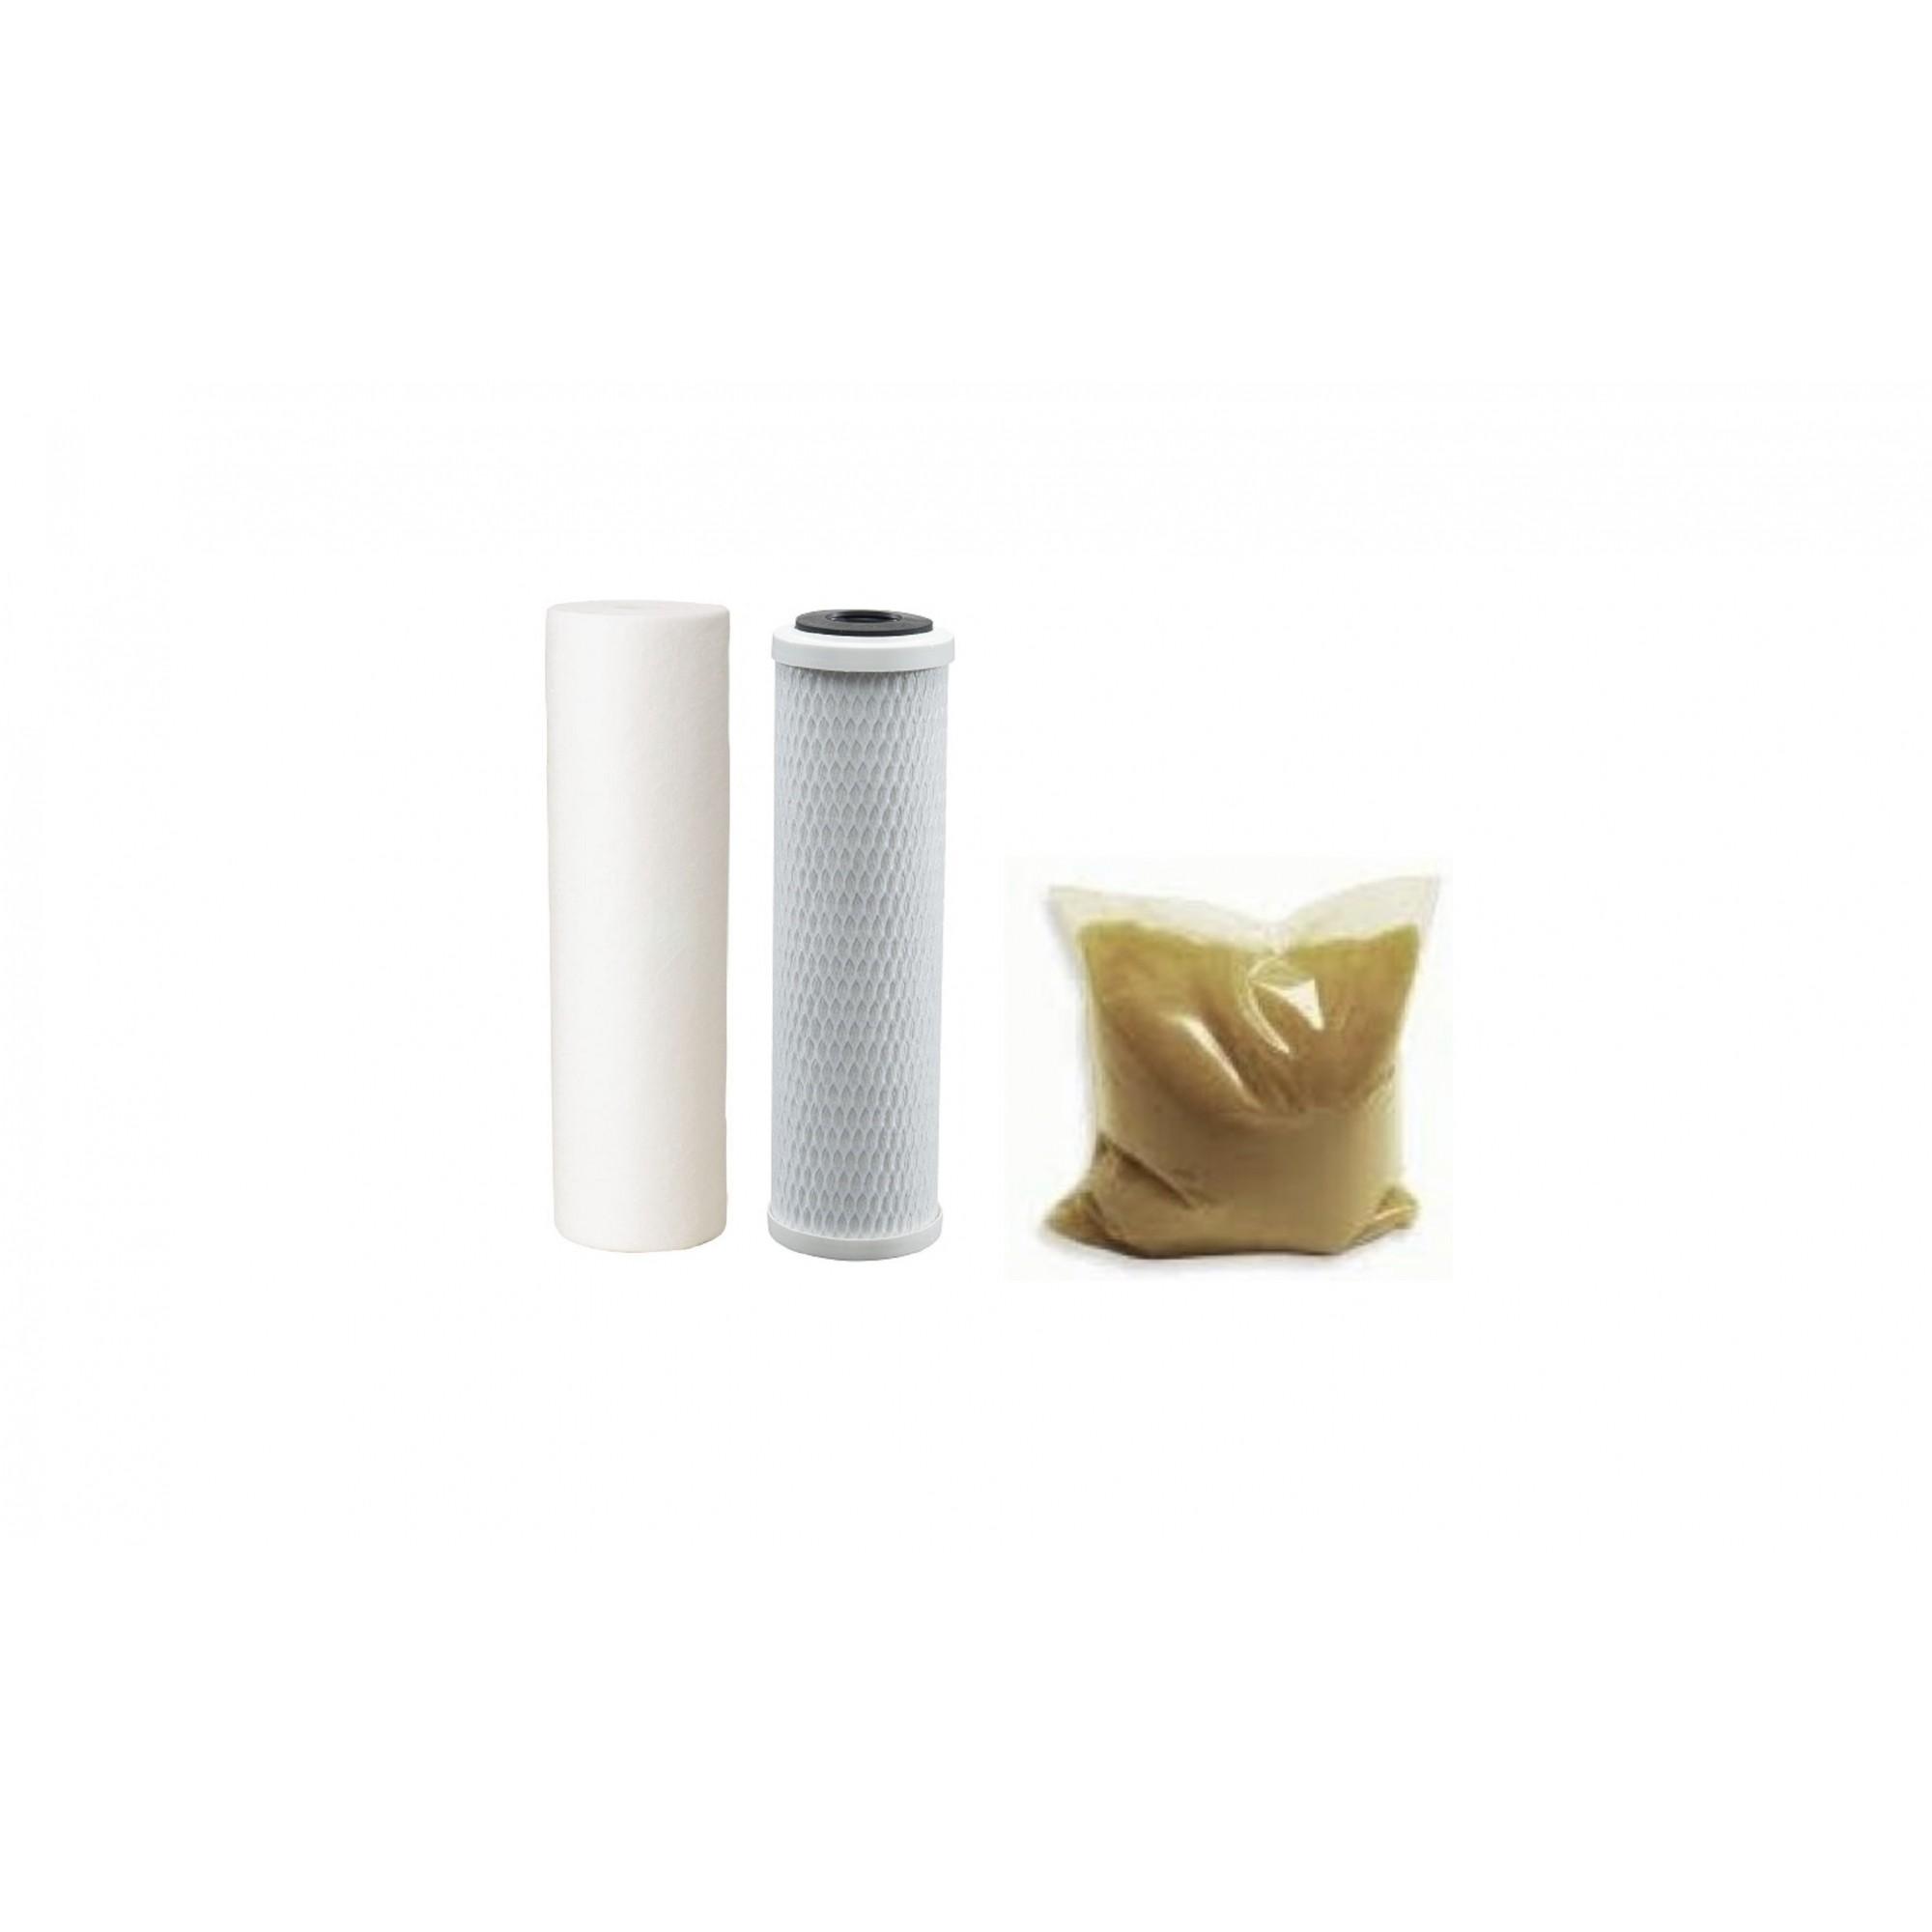 Kit de Refis 10 x 2,5 para Filtro Deionizador Triplo